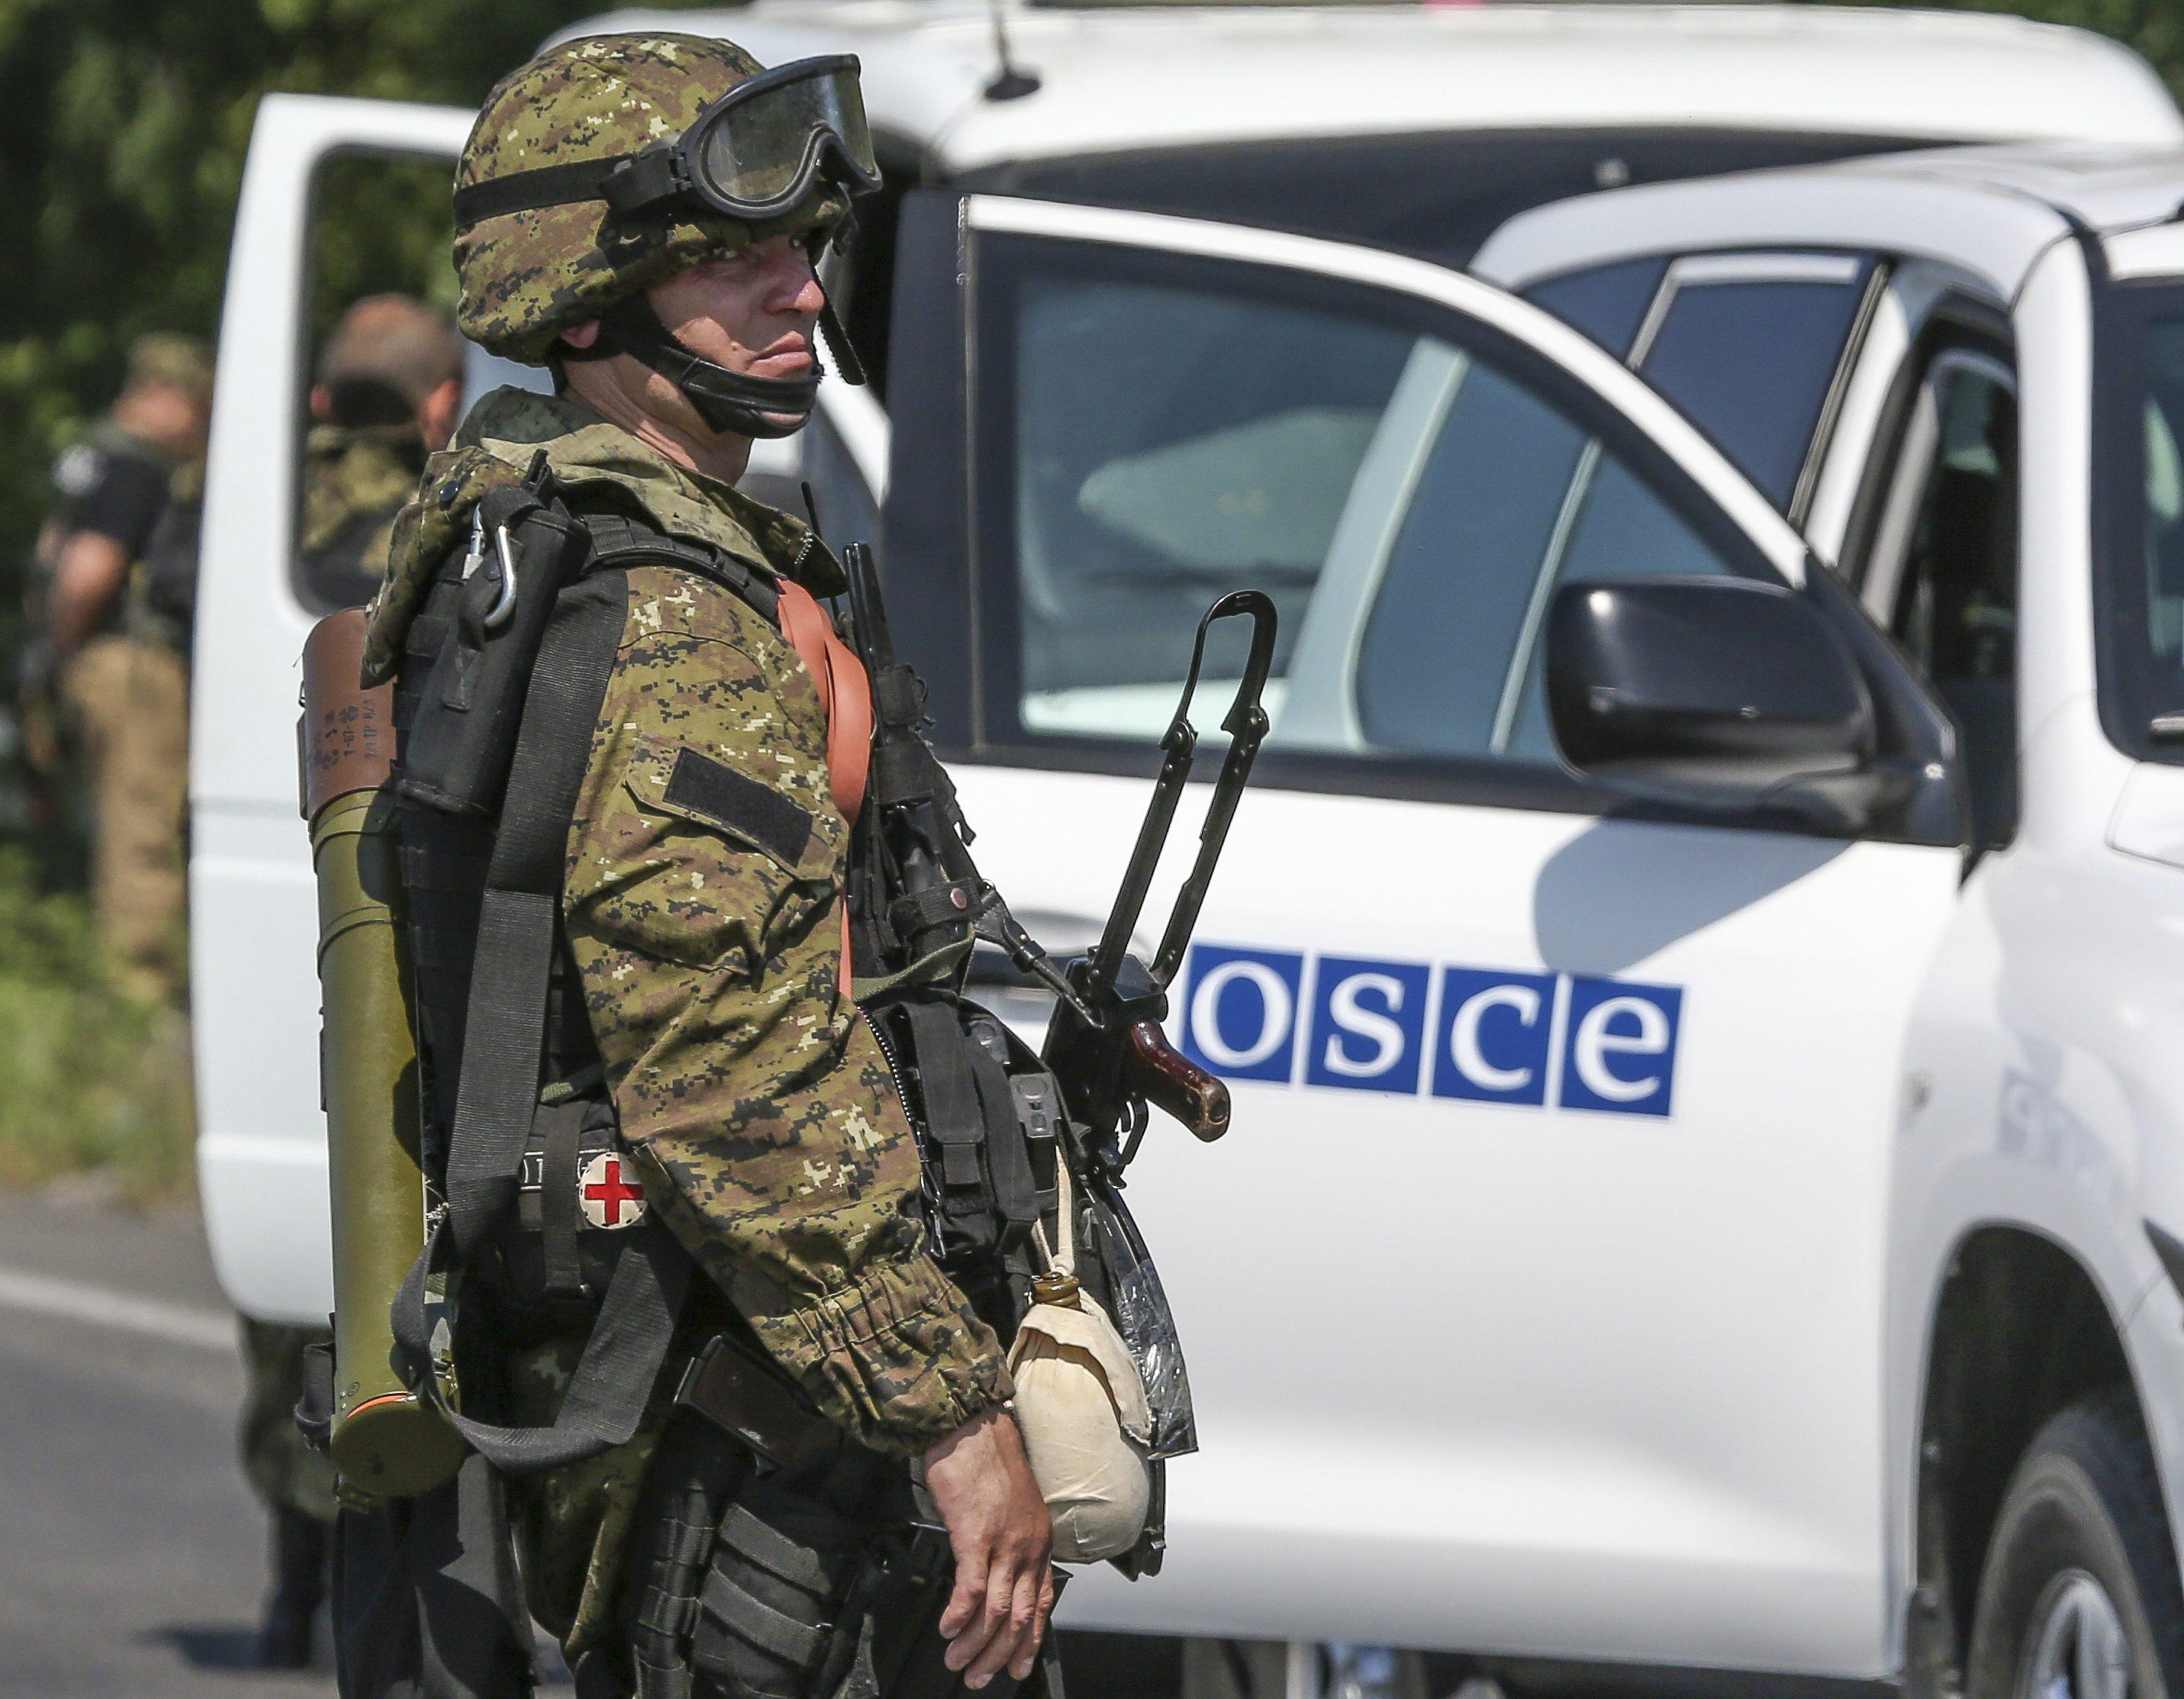 Порошенко со дня на день ожидает вооруженных наблюдателей на Донбассе, но в ОБСЕ решение не принято - СМИ